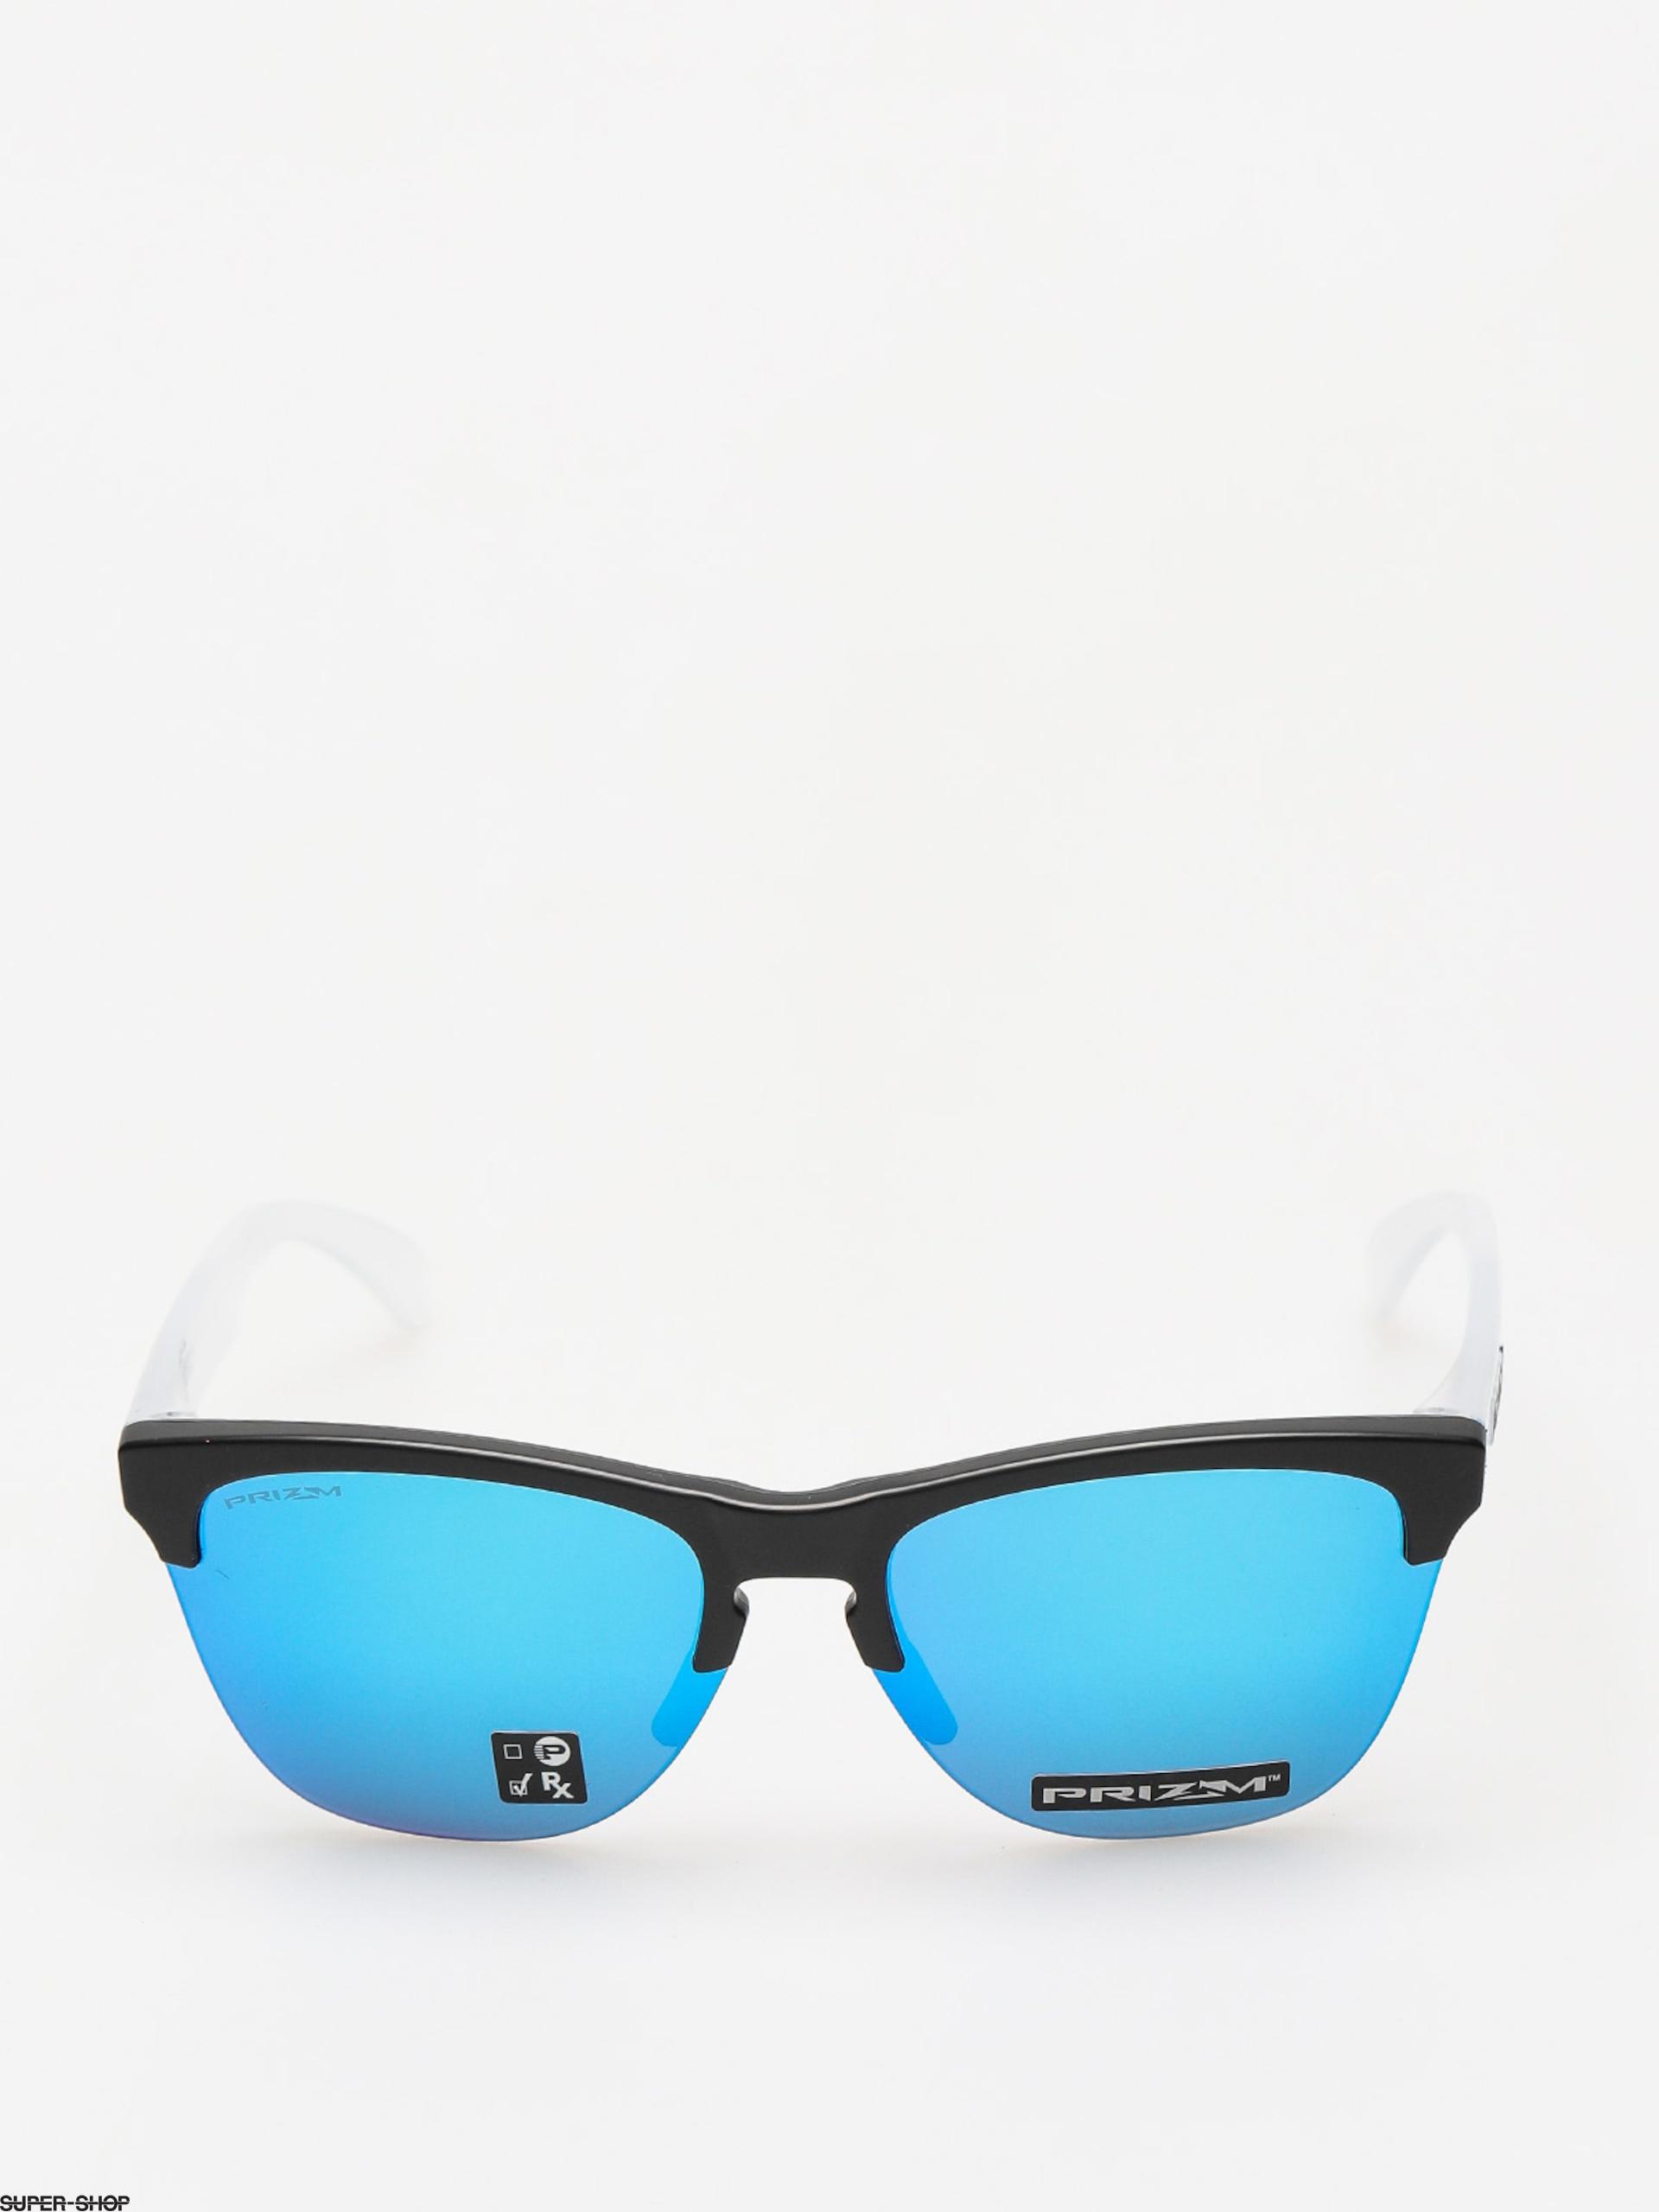 Oakley Sonnenbrille Frogskins Lite Matte Black/Matte Clear/Prizm Sapphire Iridium IPLAeC